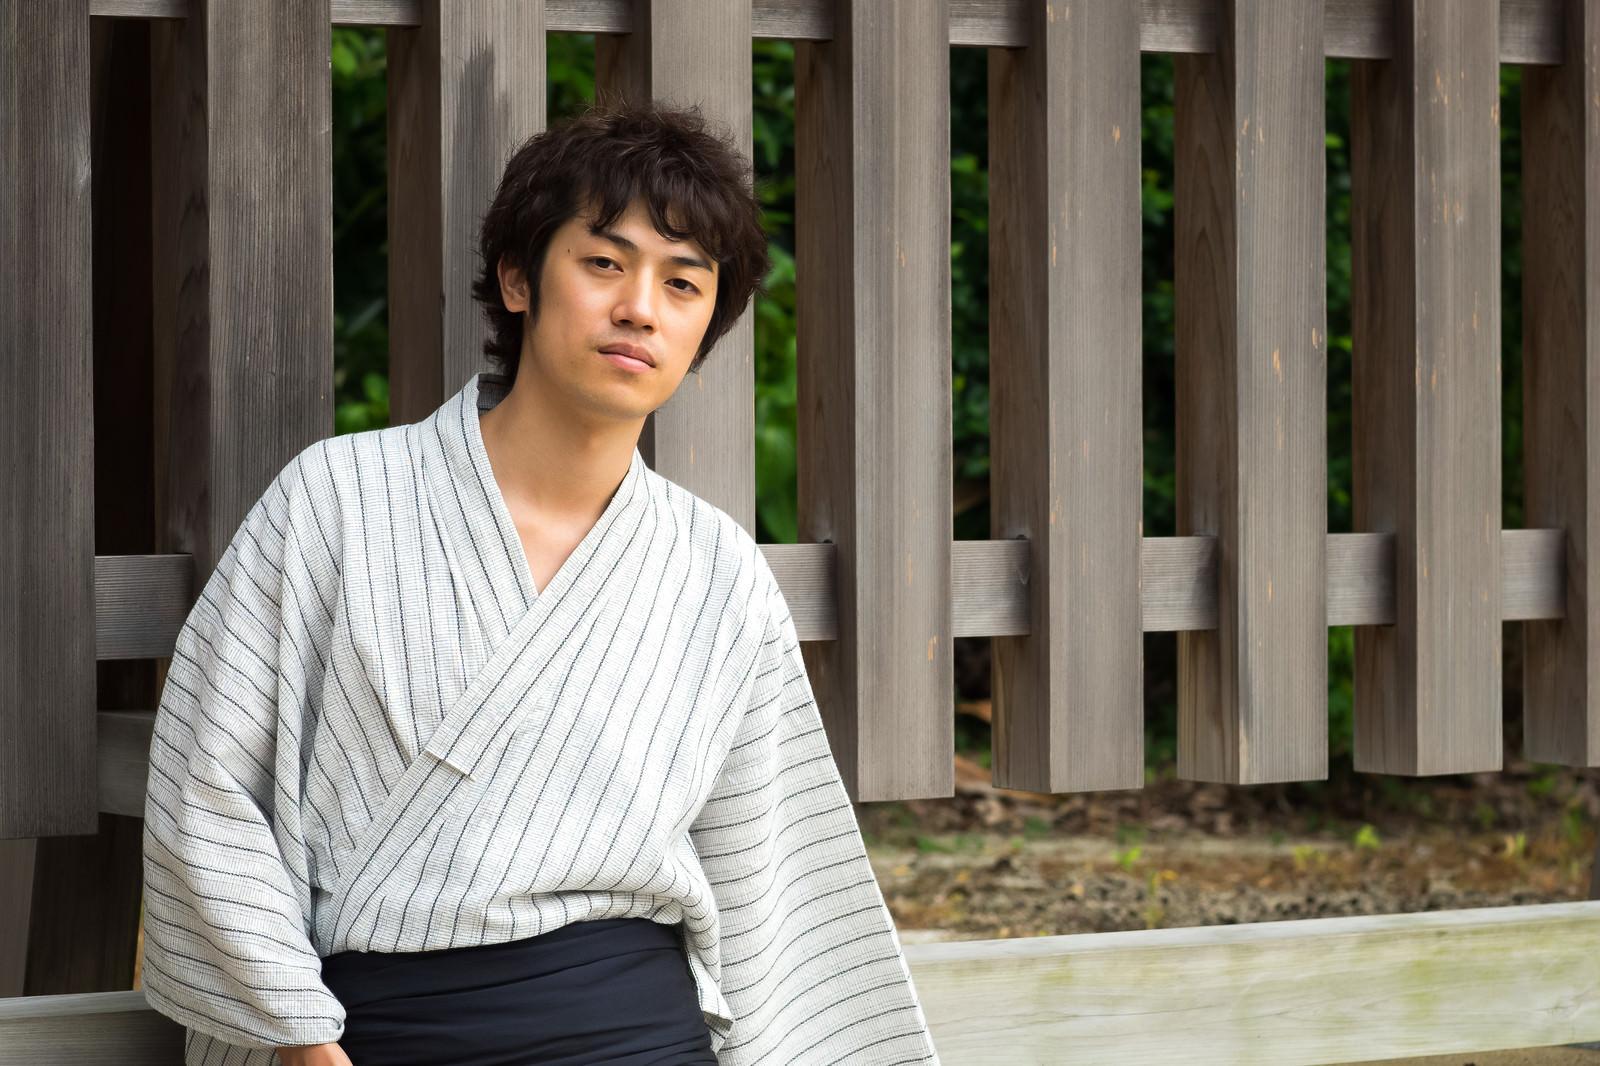 「浴衣姿でオフ会来ました浴衣姿でオフ会来ました」[モデル:Tsuyoshi.]のフリー写真素材を拡大